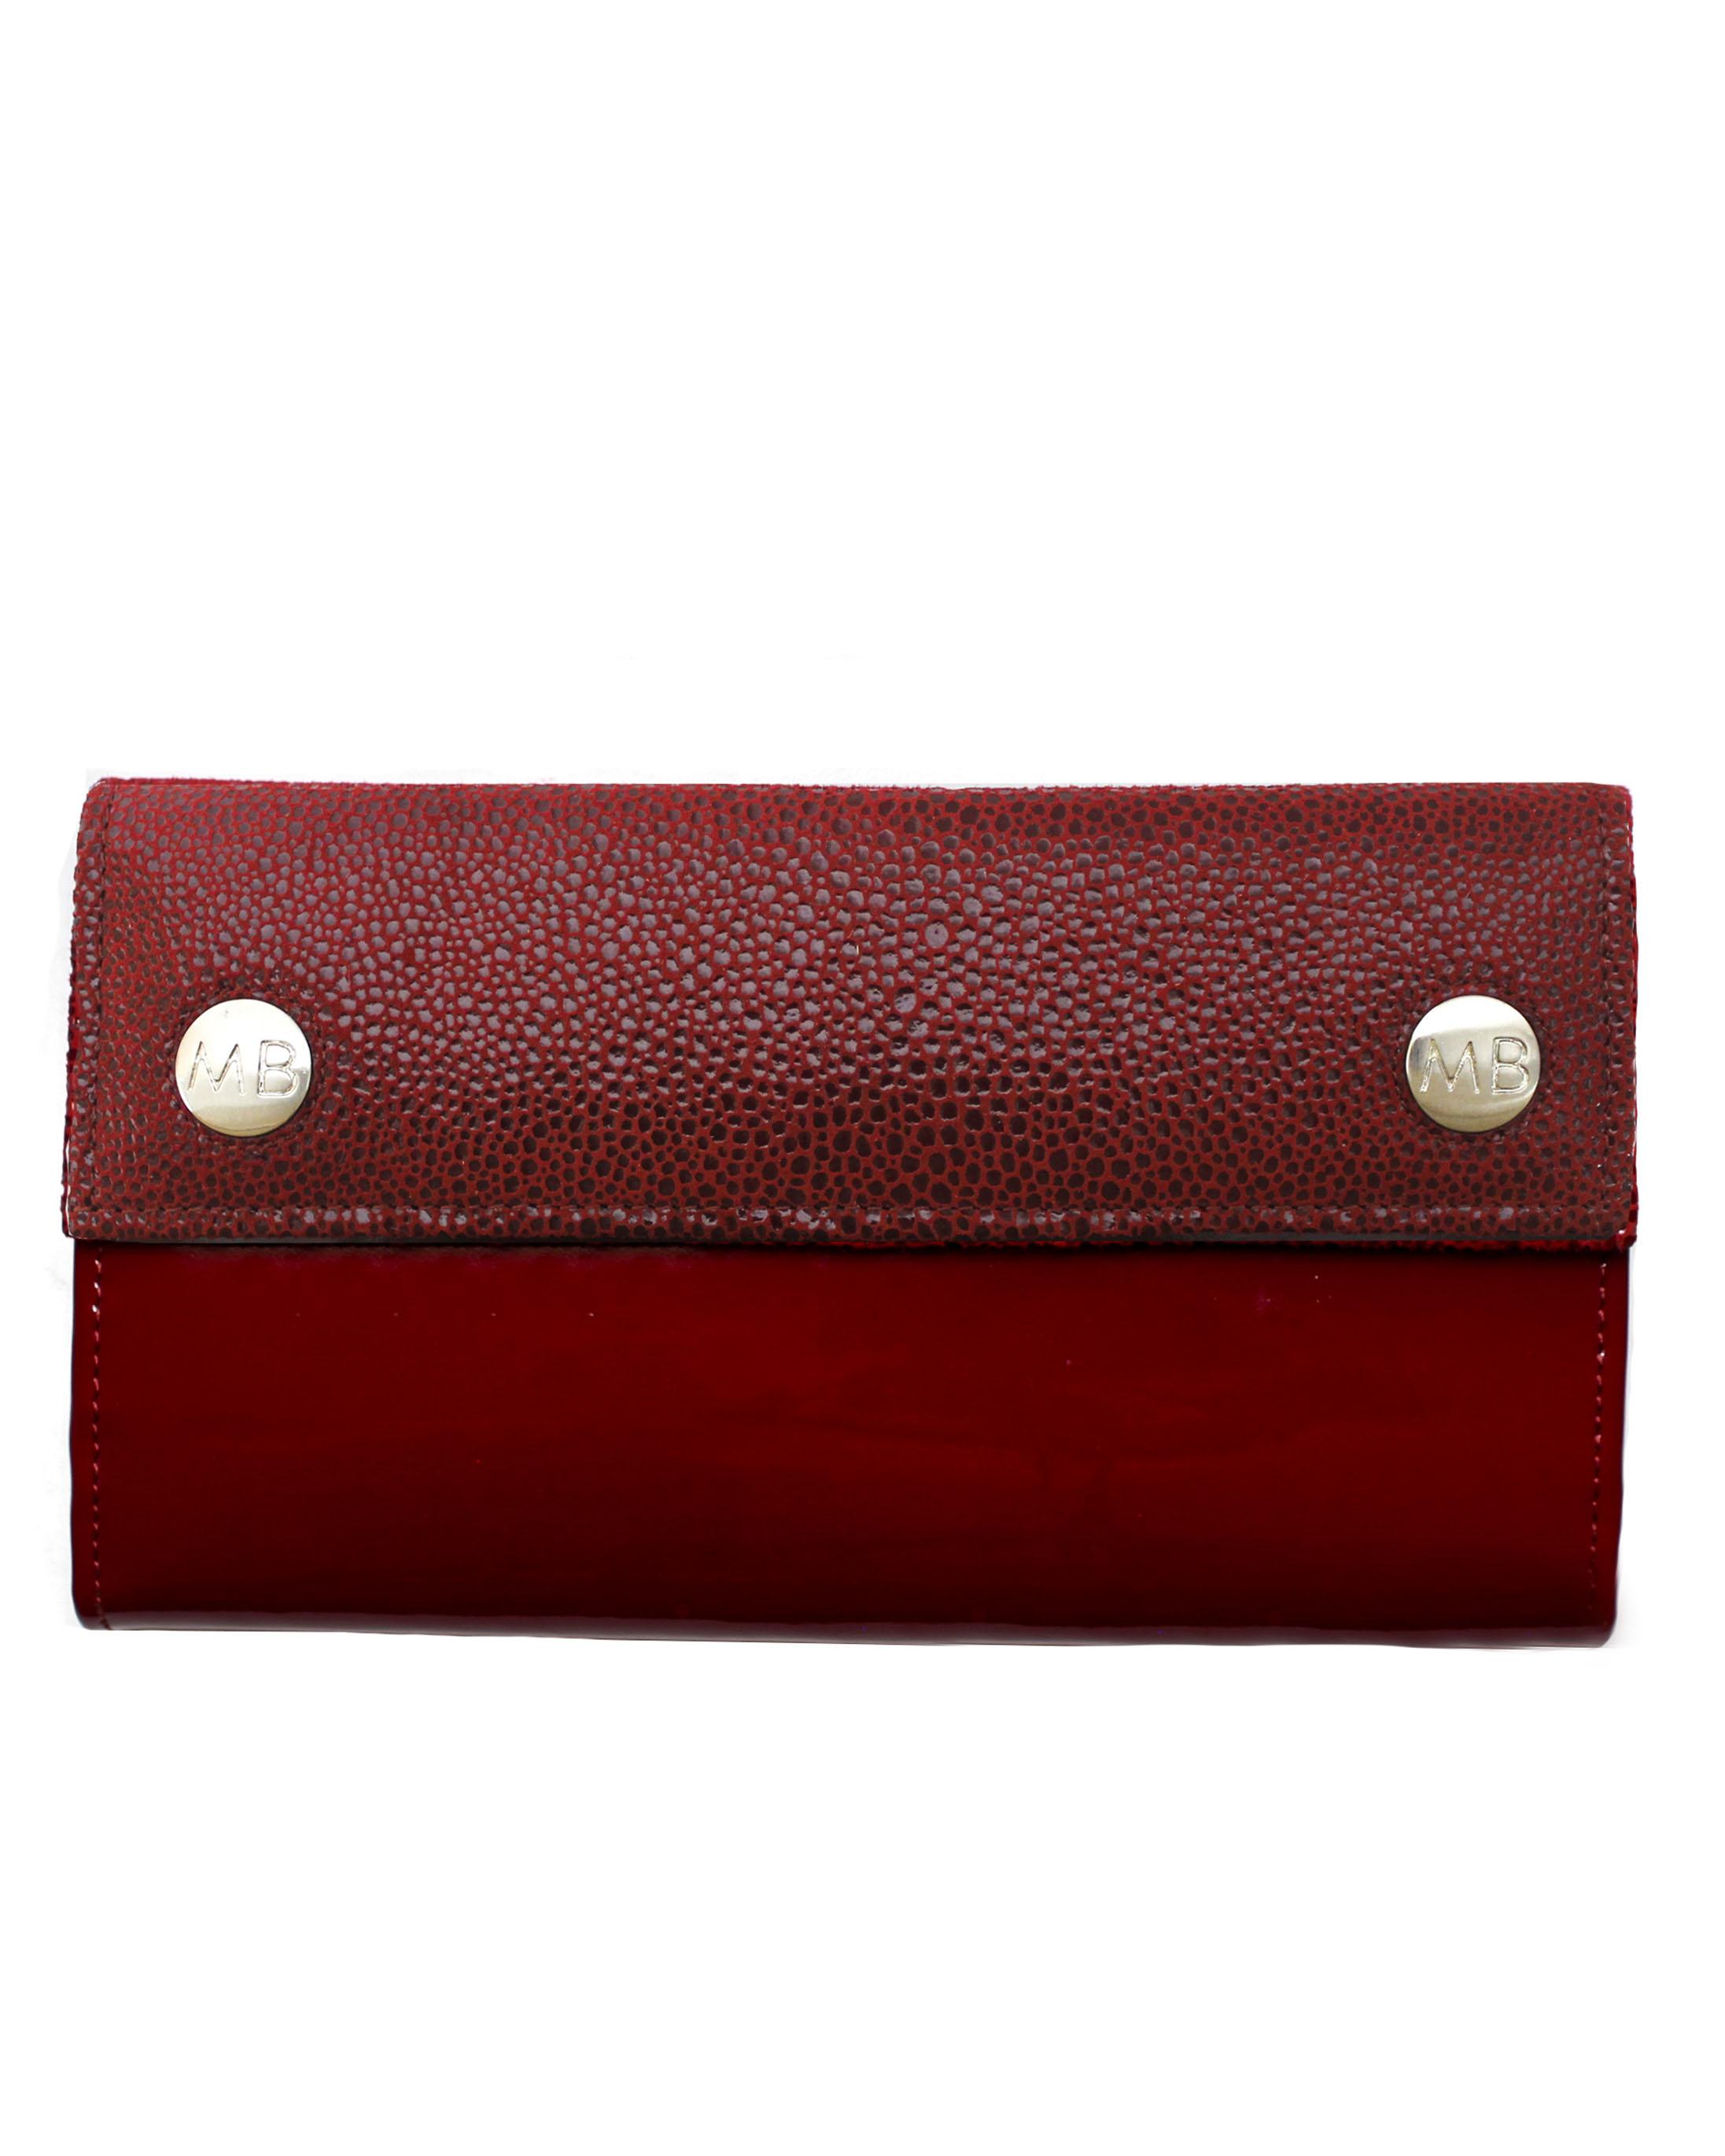 Billetera Mujer BM-0496 Color Rojo